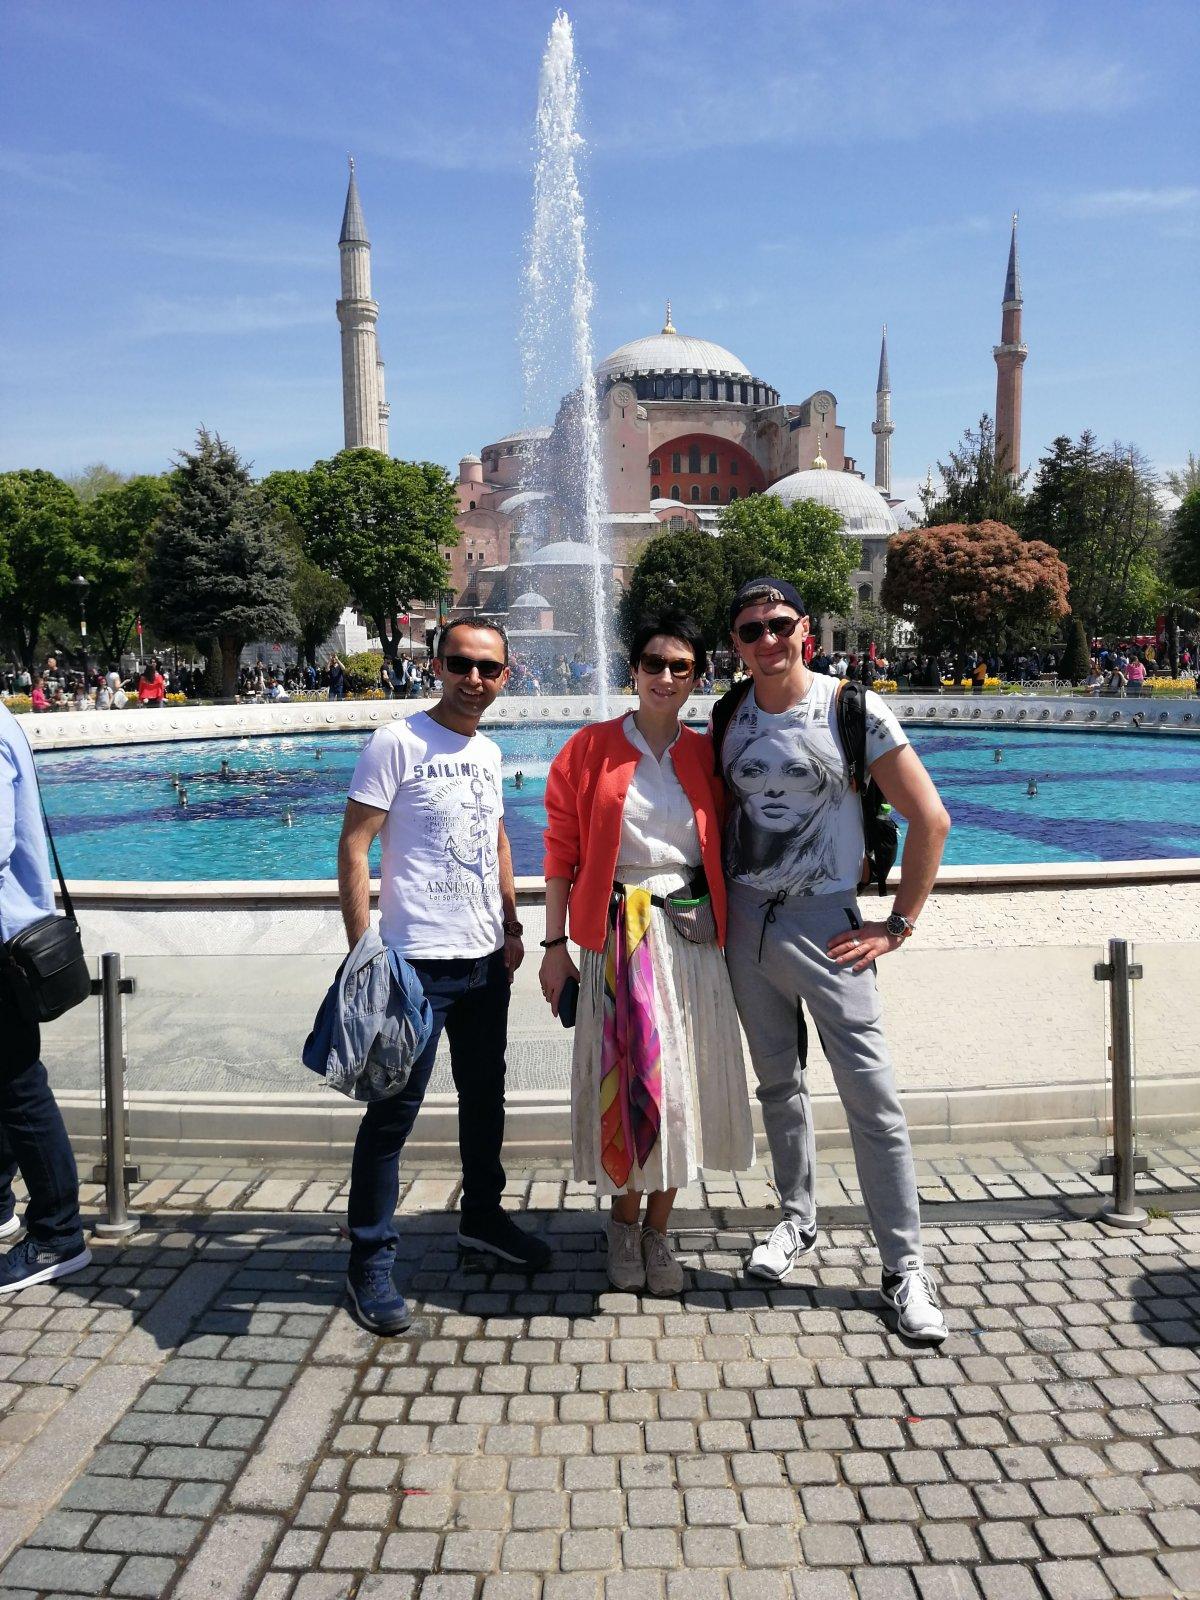 Места «маст си» в Стамбуле